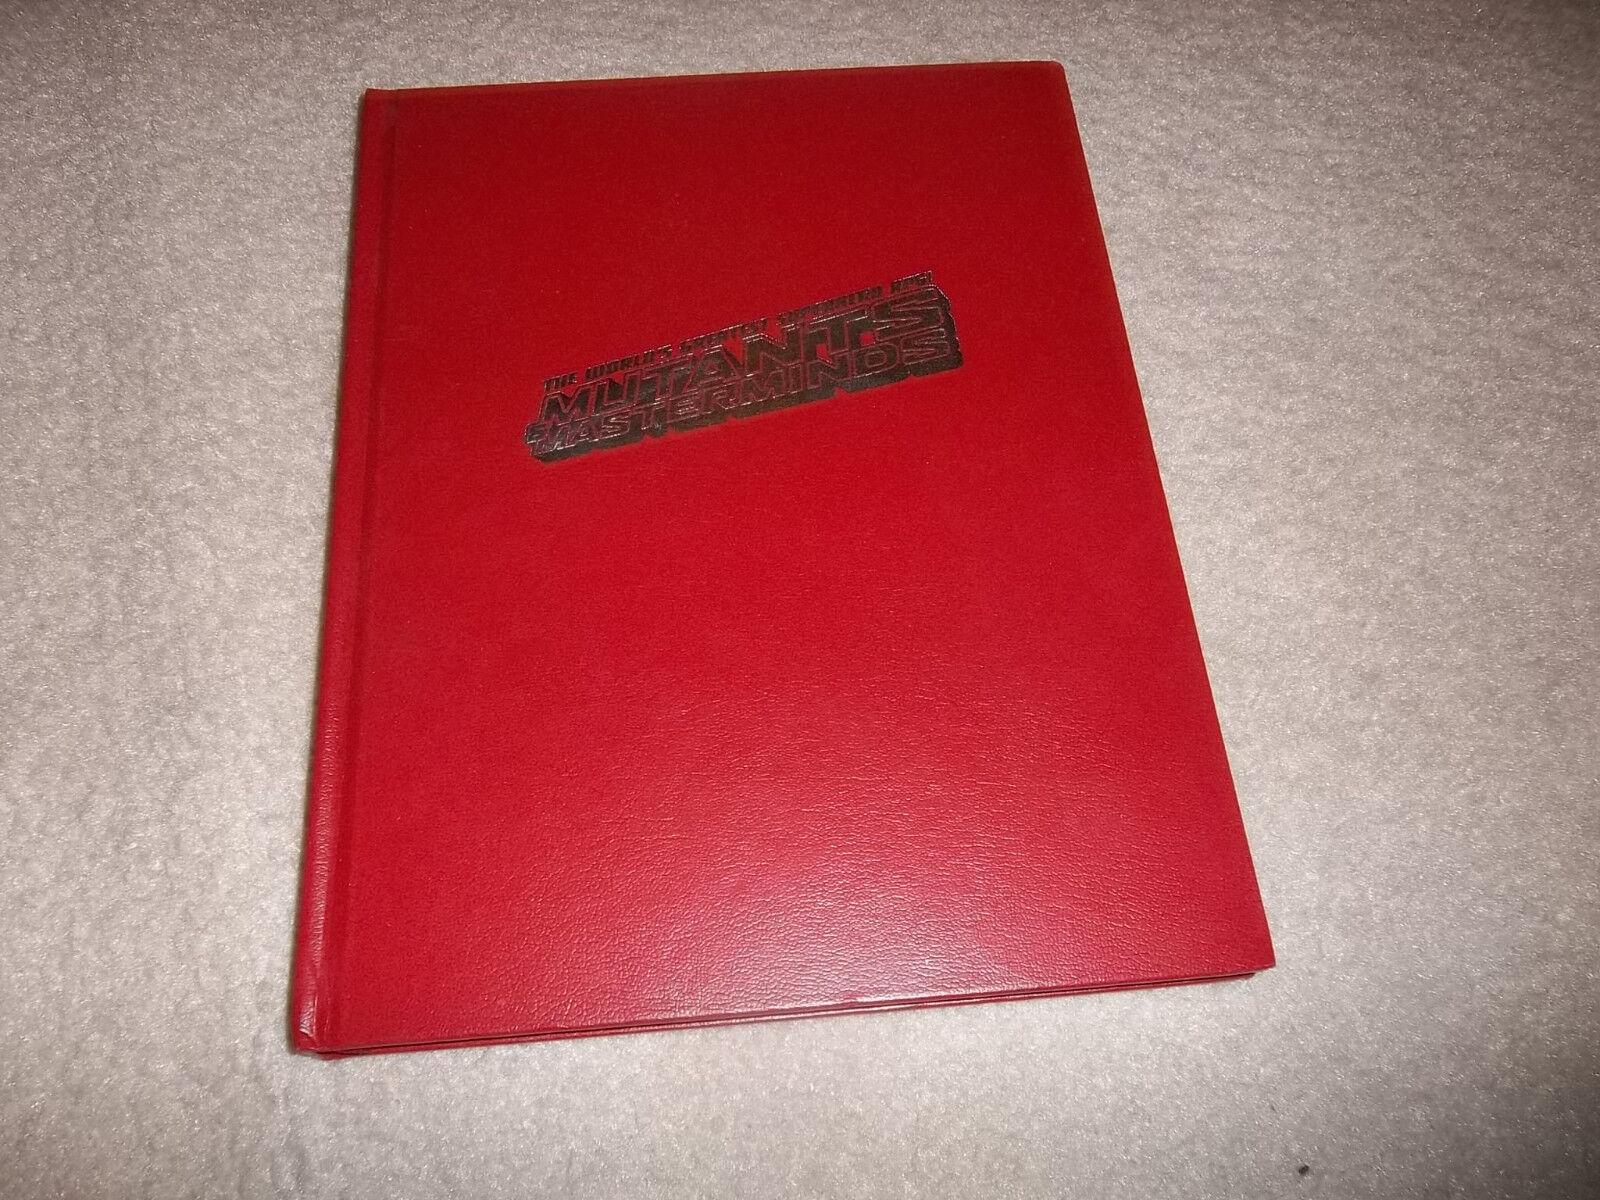 garantía de crédito Mutantes y Masterminds 2nd Ed Ed Ed Core normativa Edicion Limitada Lujo  de moda